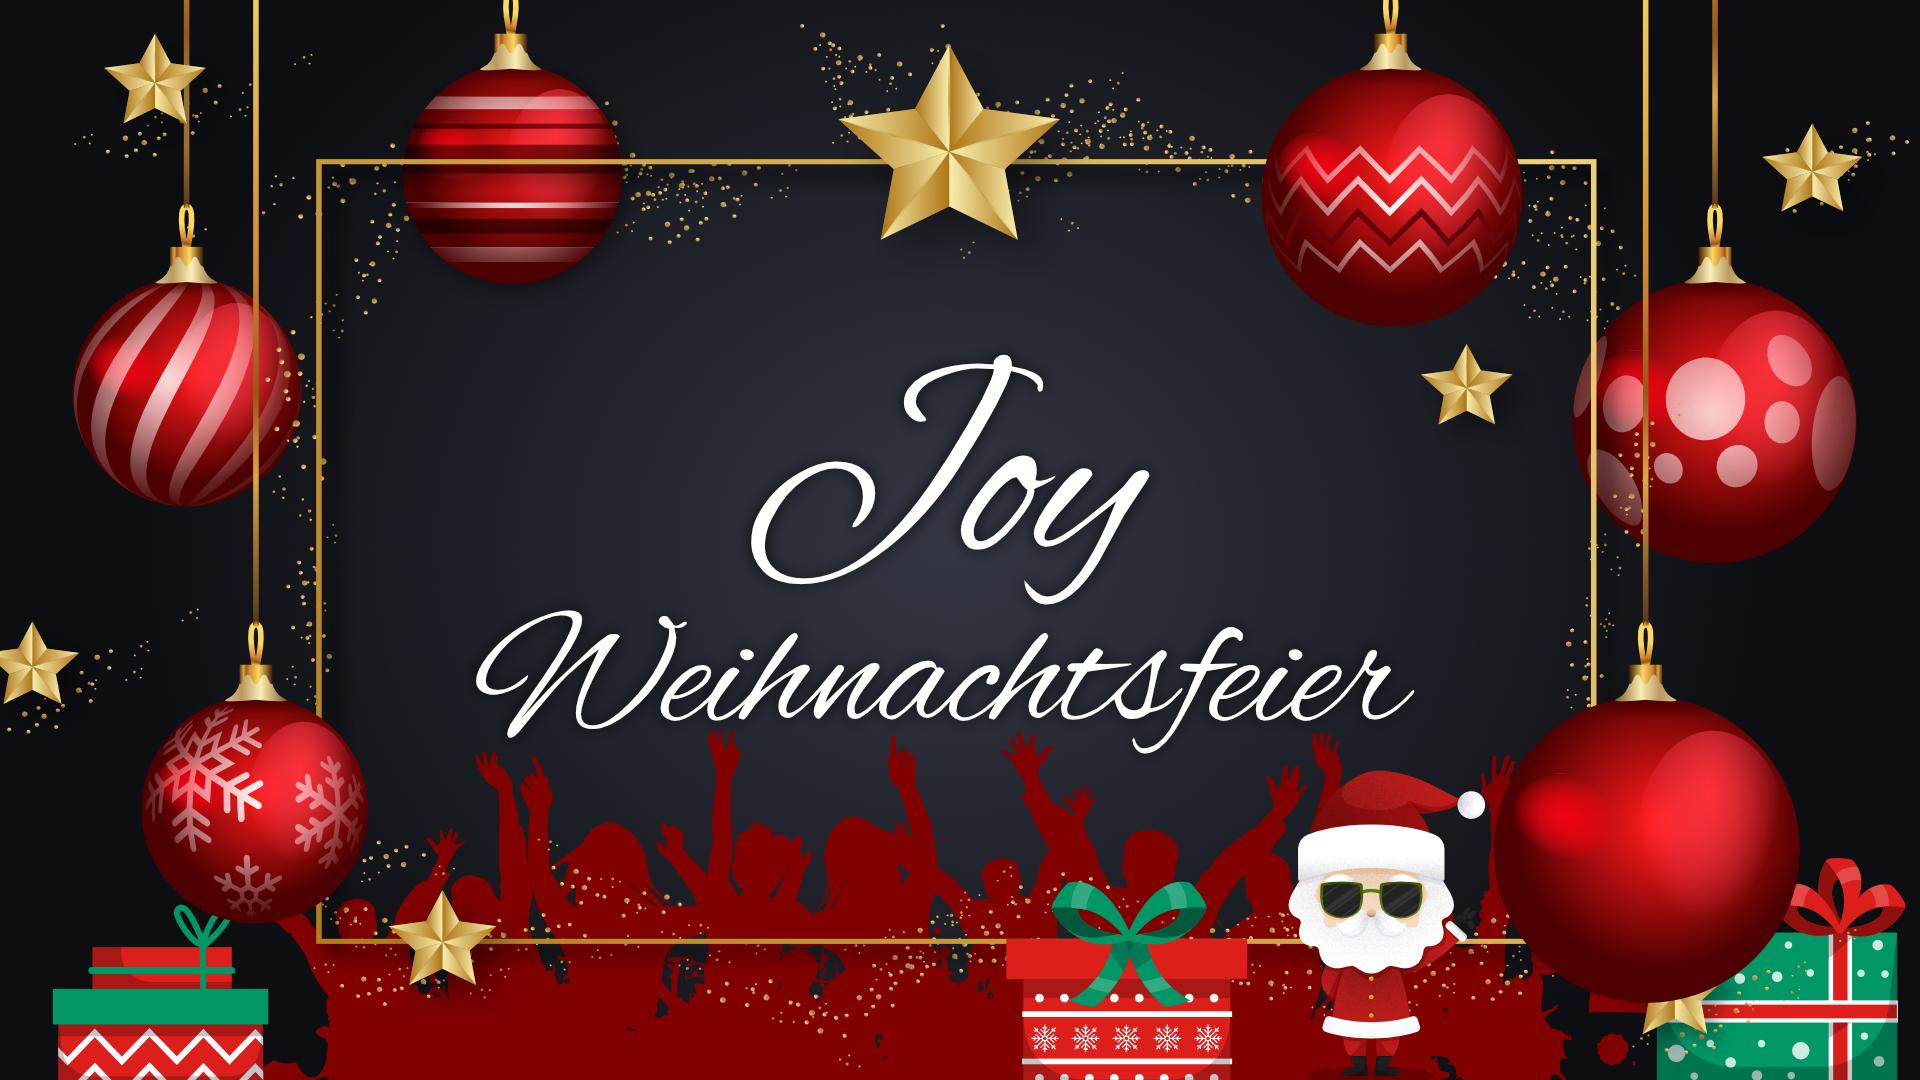 Joy Weihnachten